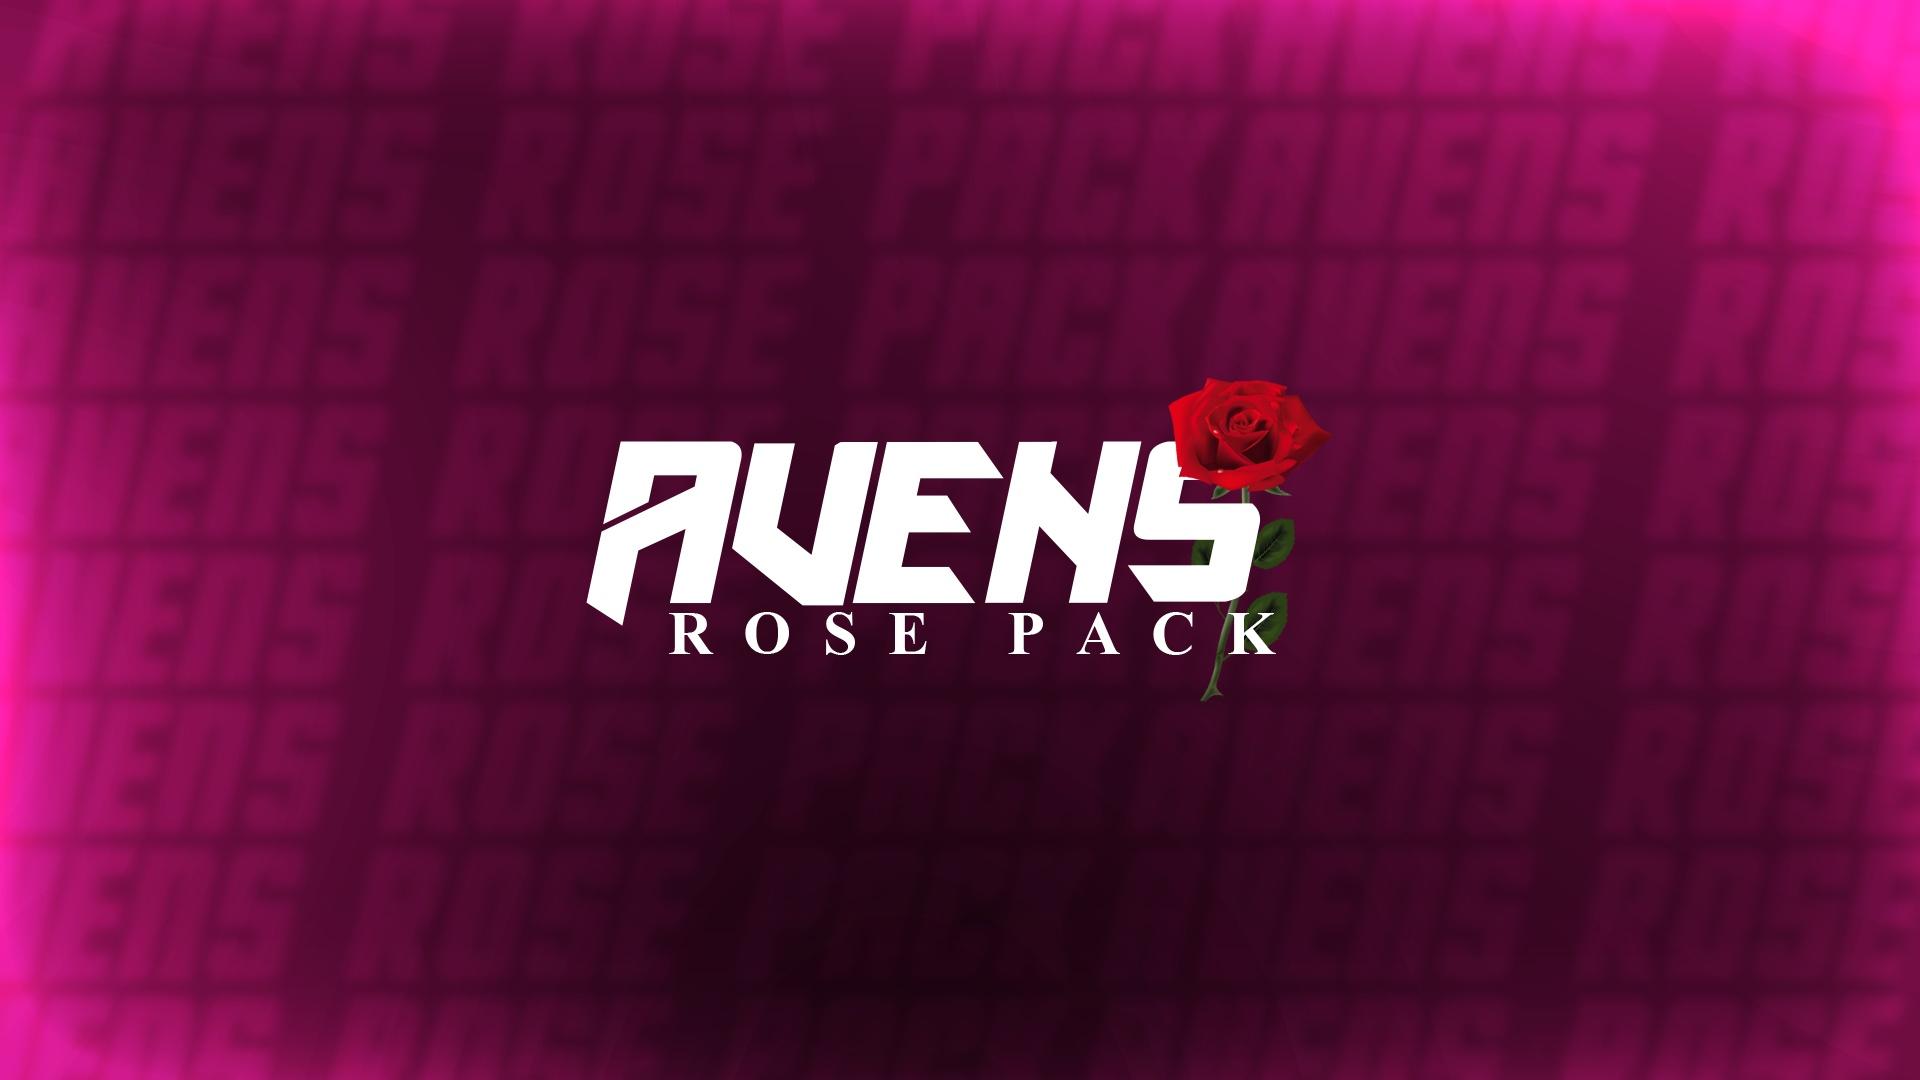 Avens Rose Pack